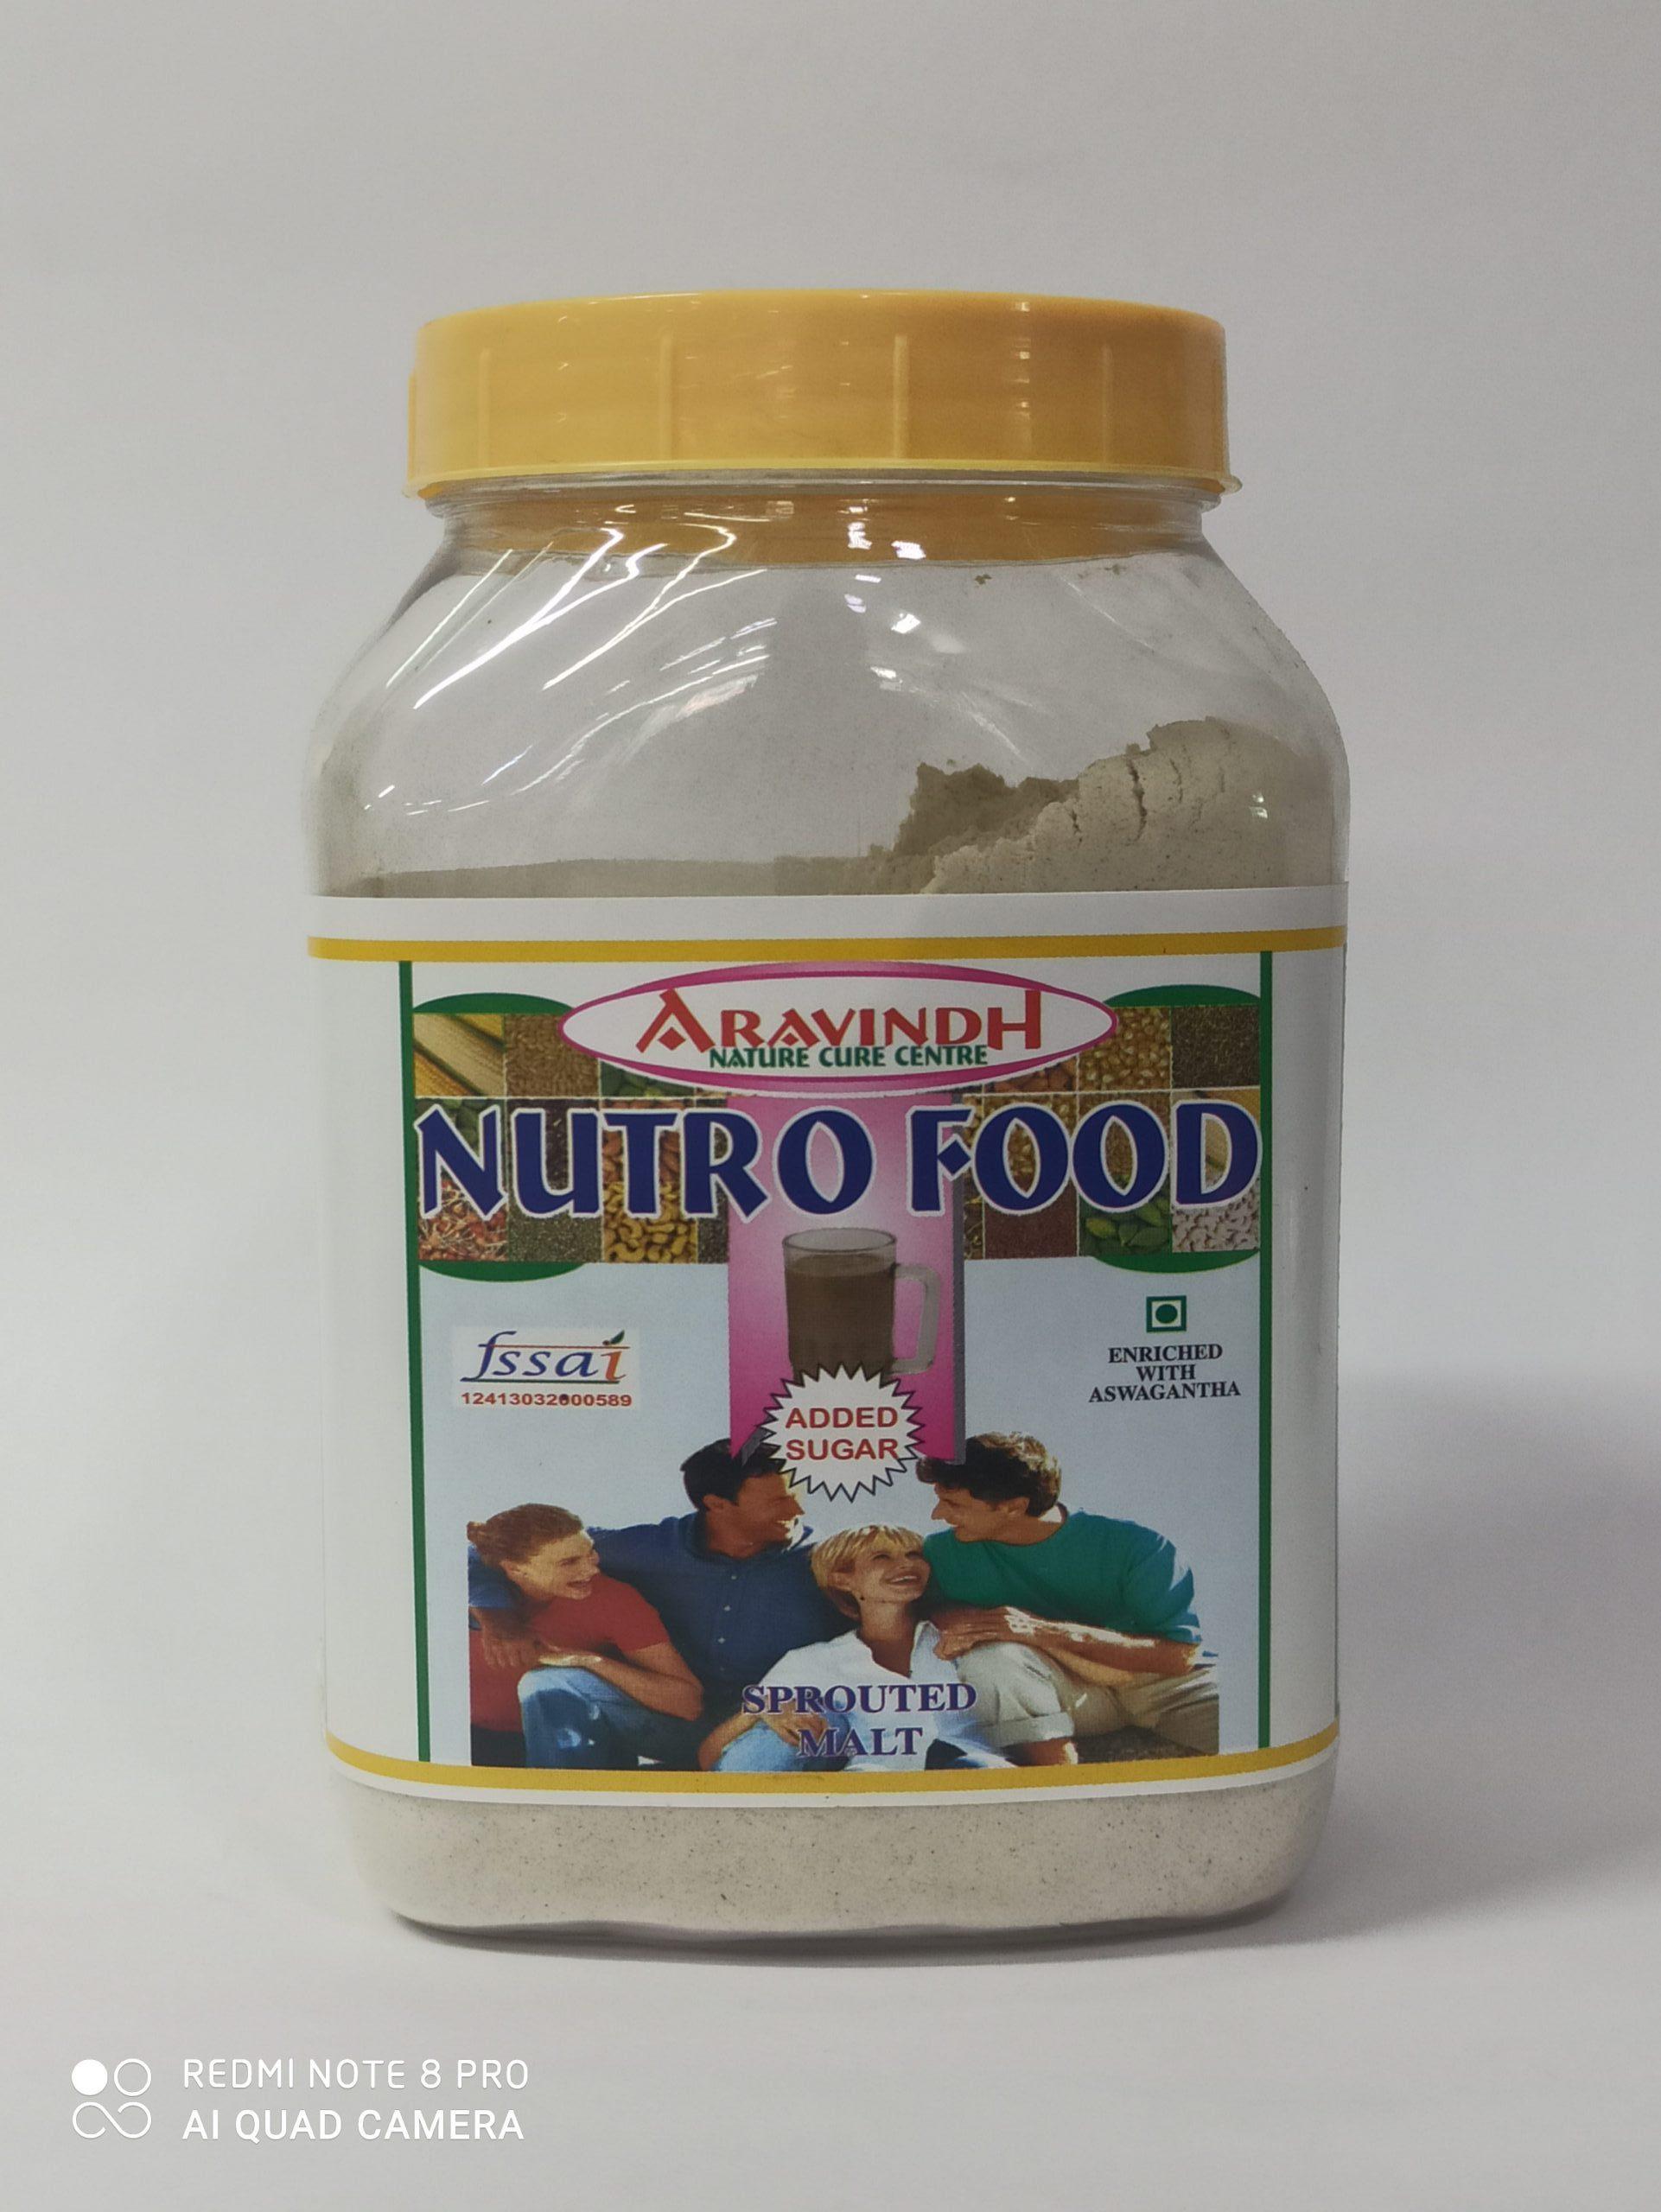 ARAVINDH NUTRO FOOD ADDED SUGAR 500GM